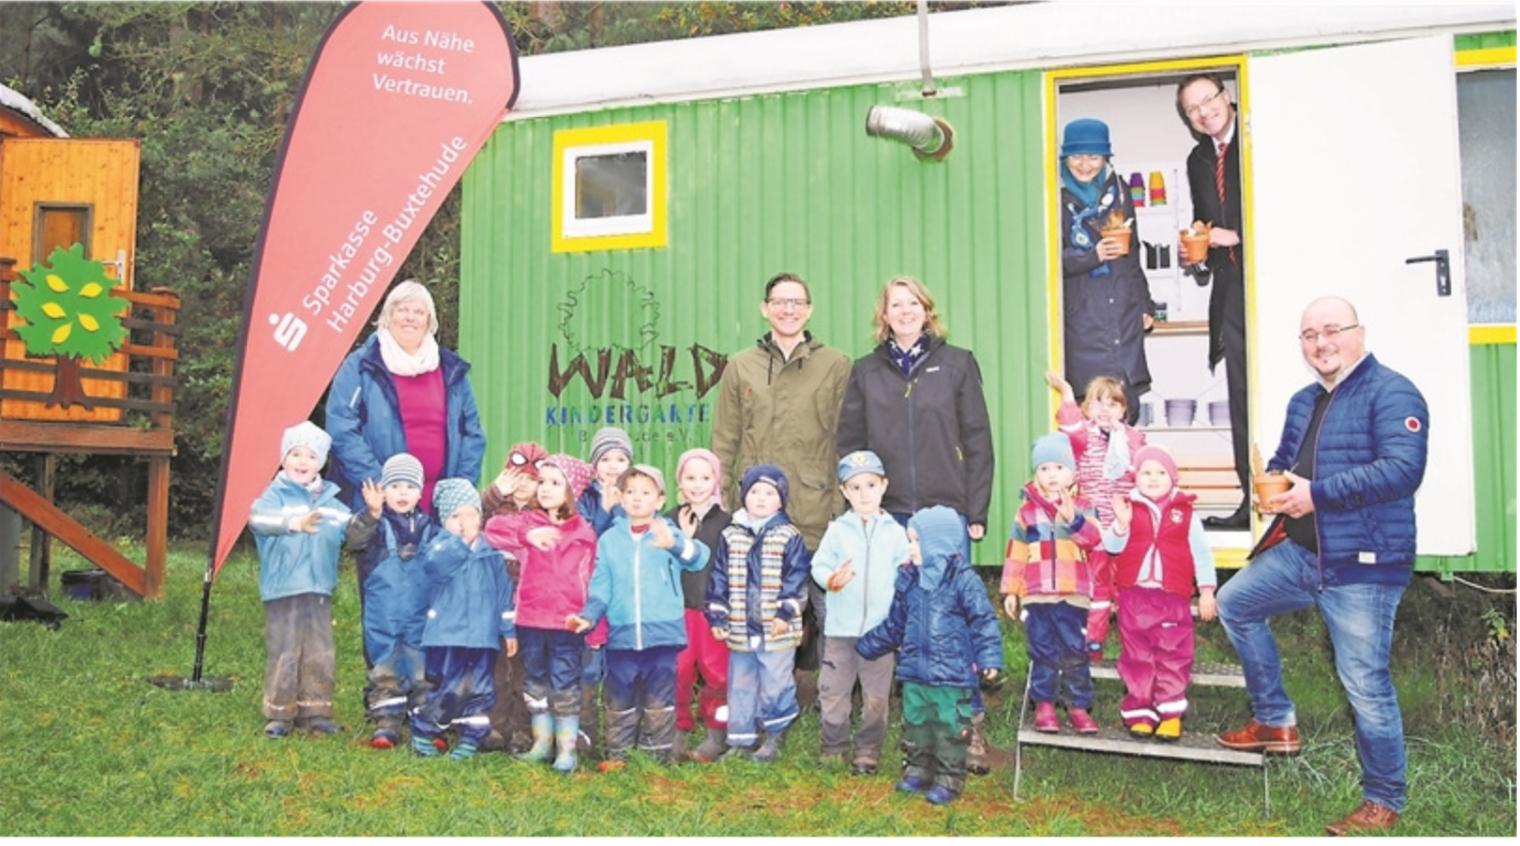 Sponsoren sowie Kinder und Erzieherinnen der Igel-Gruppe vor dem Küchenwagen für die Nachmittagsbetreuung im Waldkindergarten Ottensen.